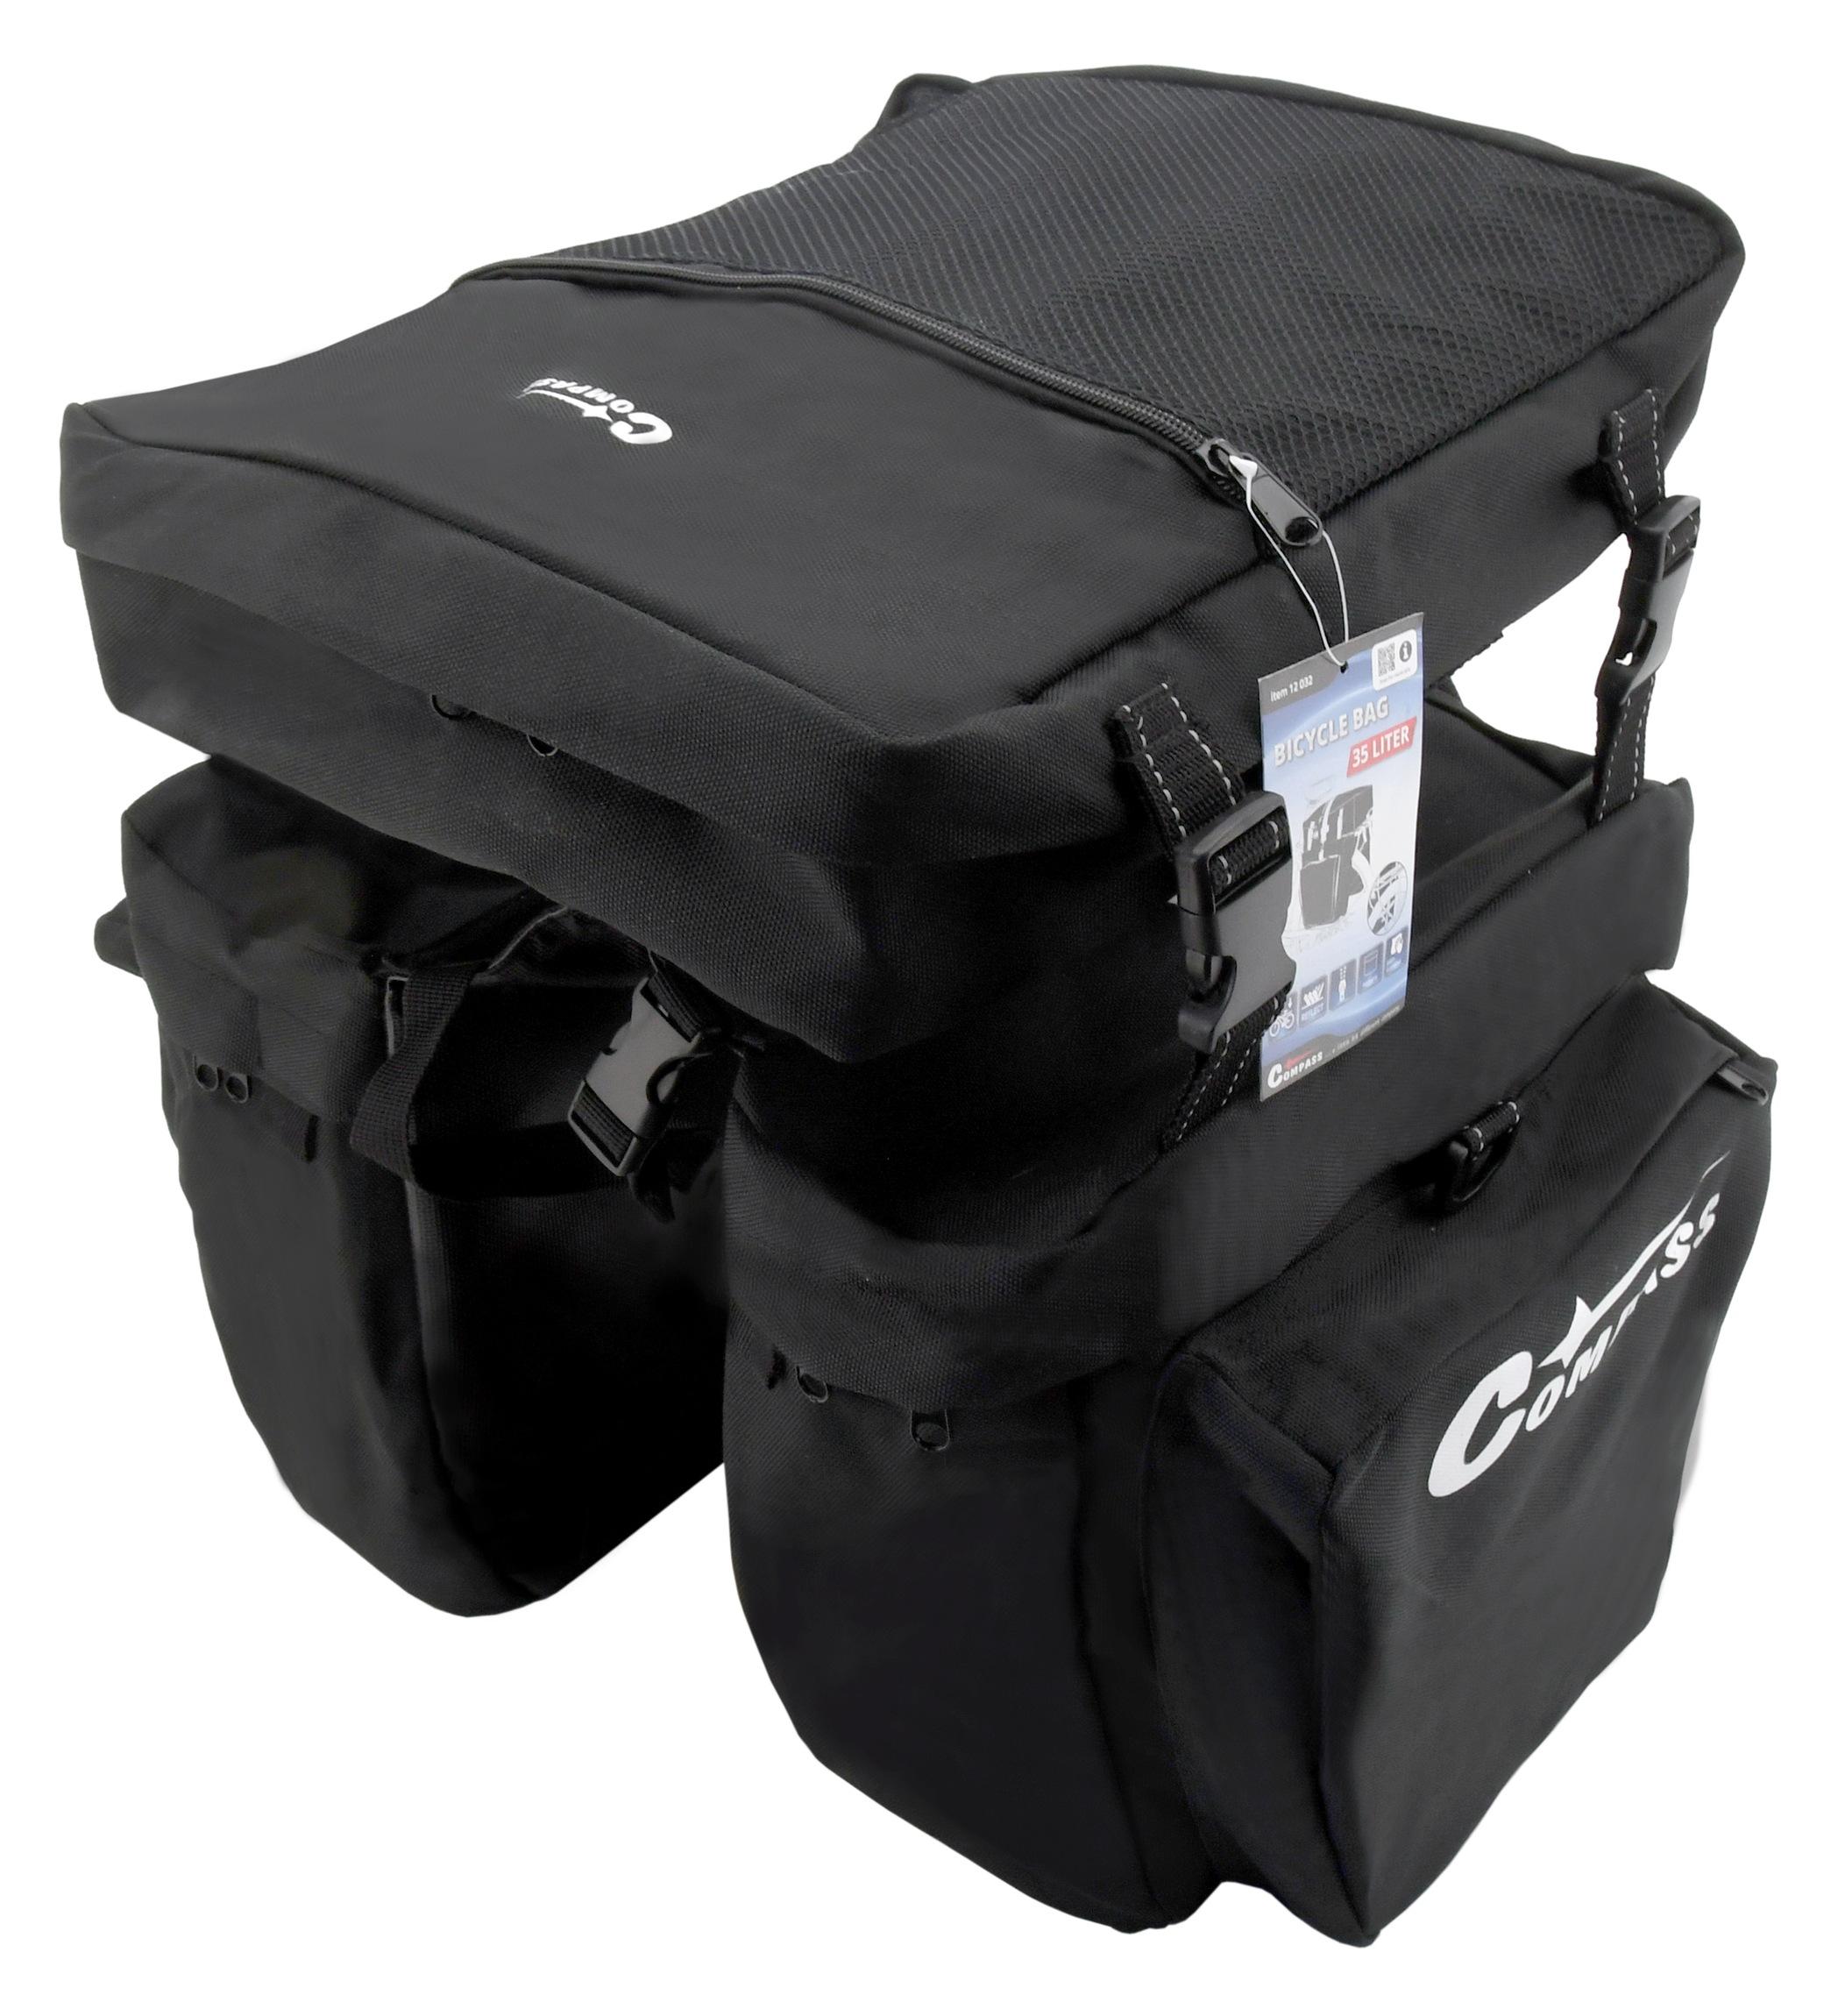 Cyklotaška na zadní nosič 3in1 COMPASS